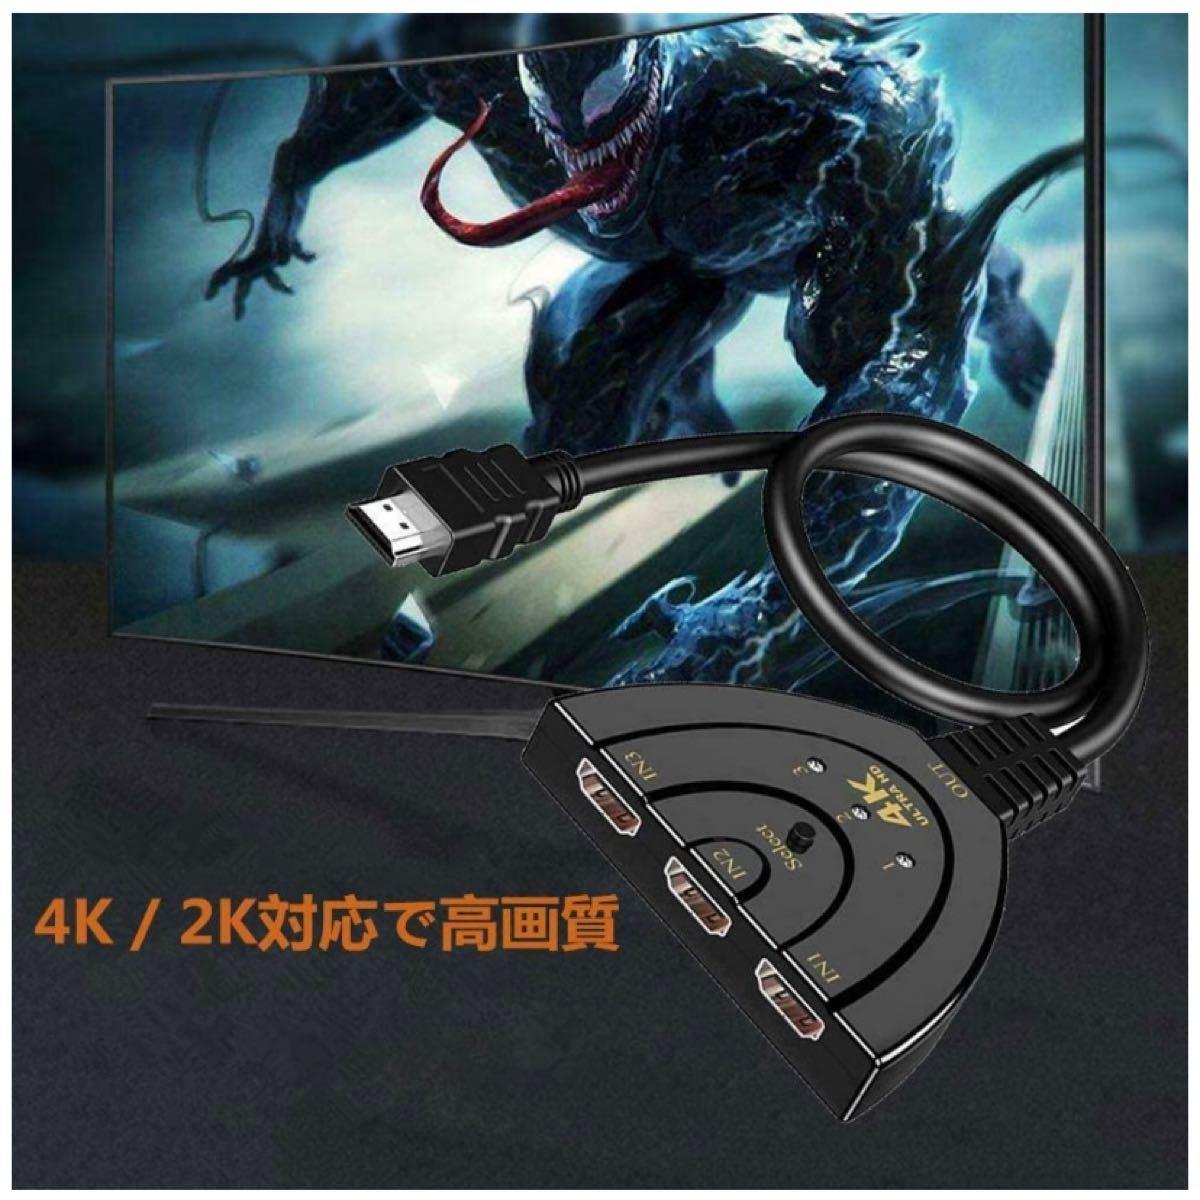 4K  HDMI セレクタ 切替器 分配器 3入力1出力 ゲーム ケーブル HDMI HDMI変換アダプタ HDMI分配器